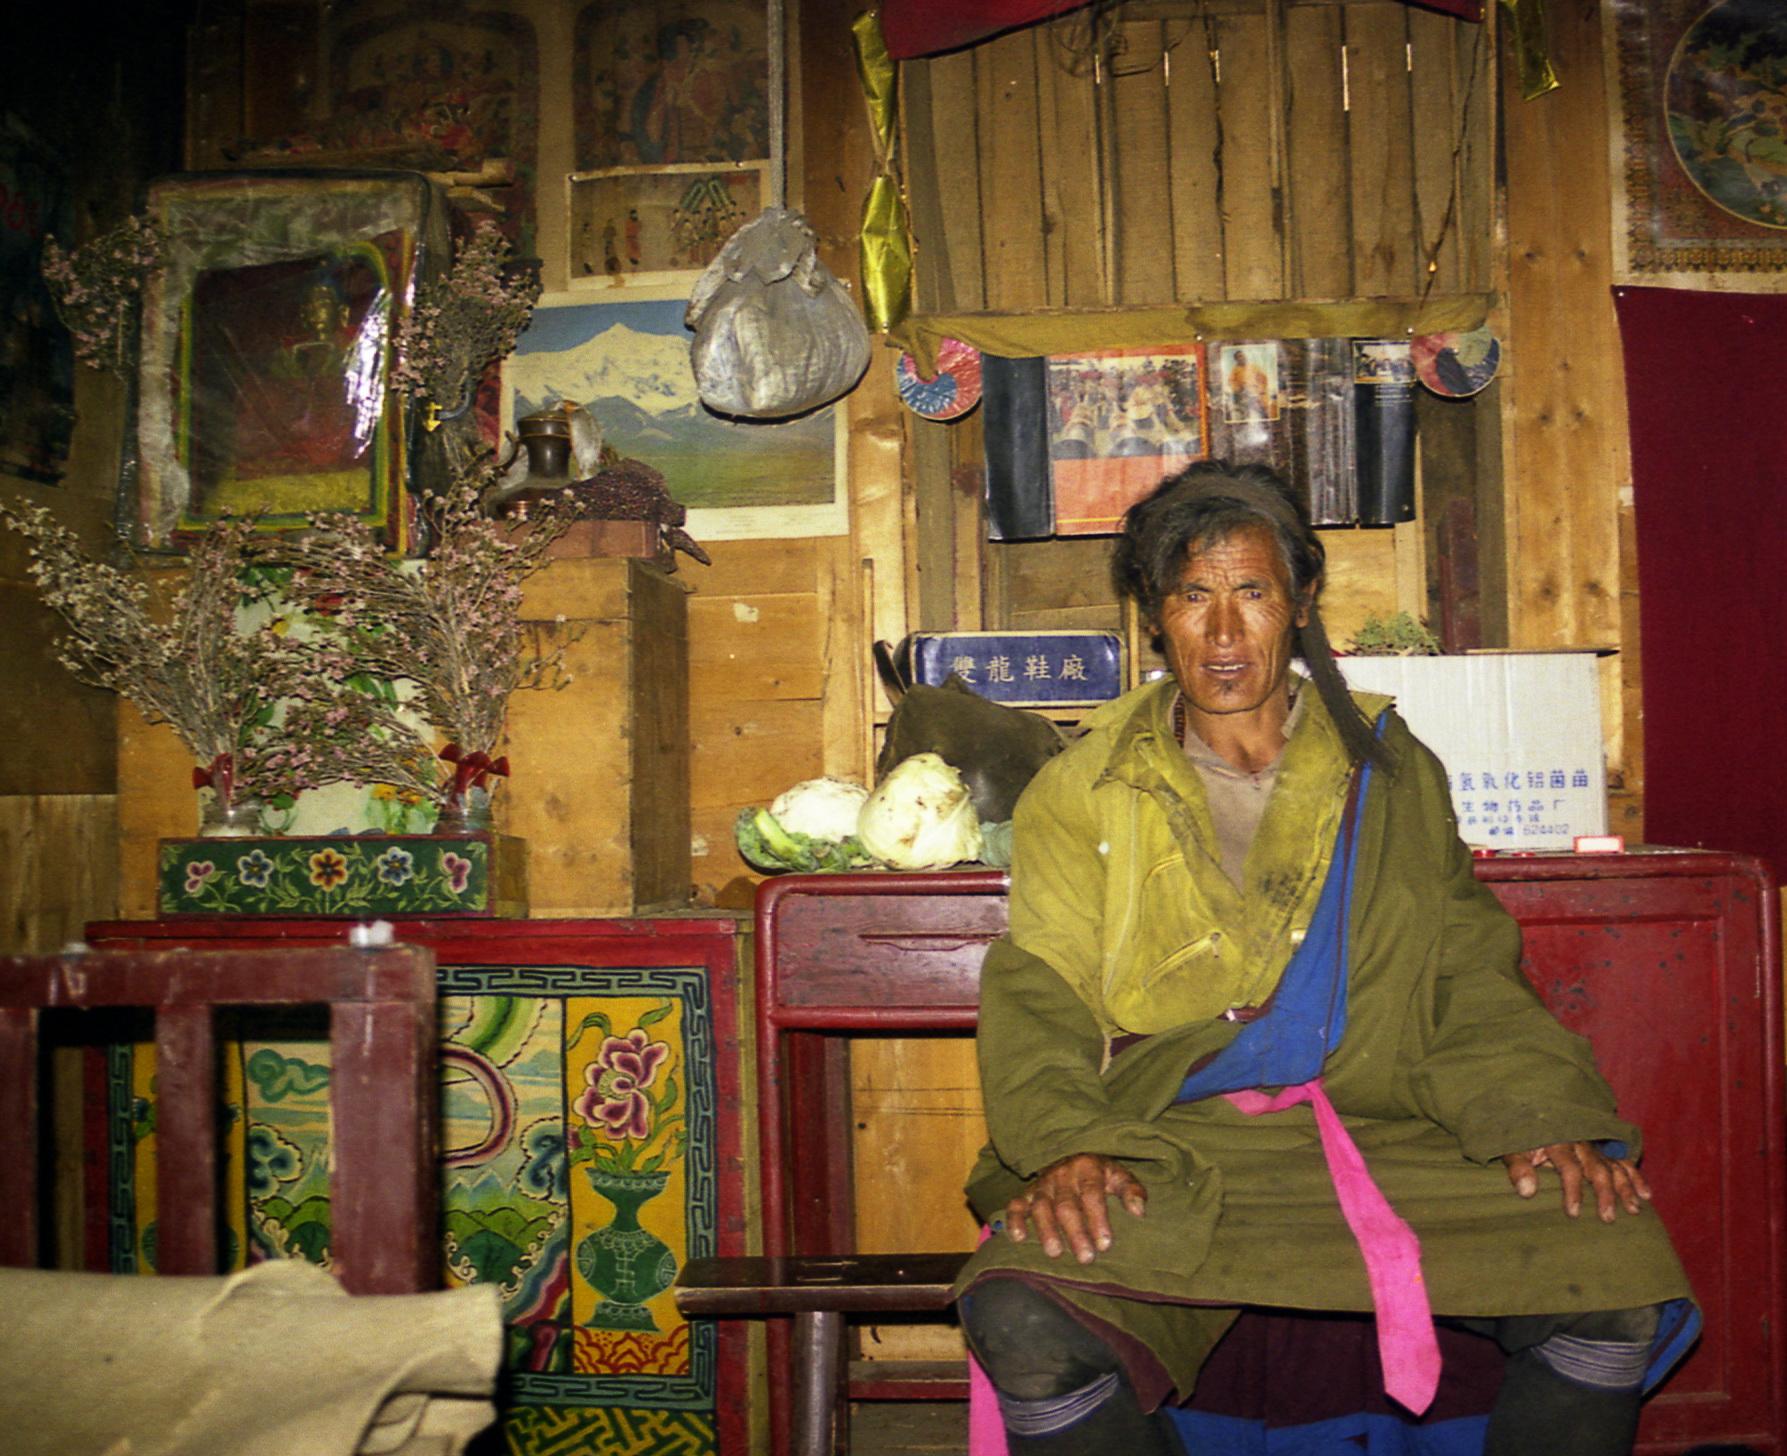 天葬师仁青在他的畜牧防疫工作站。(唯色摄影)